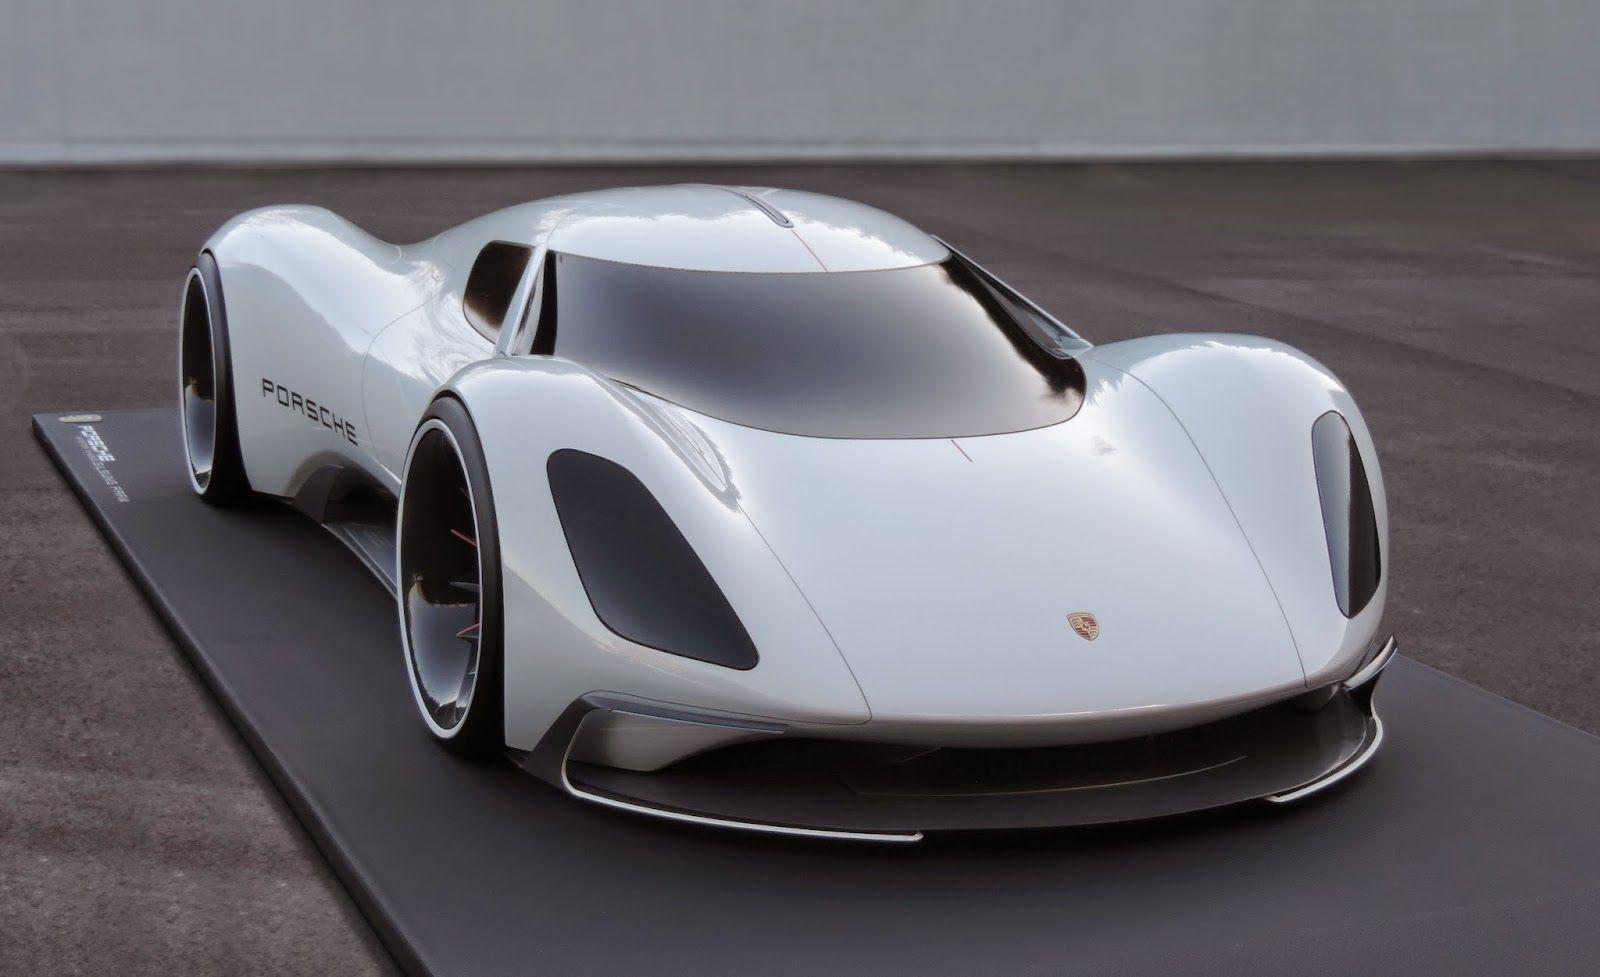 Porsche Electric Le Mans 2035 Prototype Front End Cool Sports Cars Porsche Electric Sport Cars